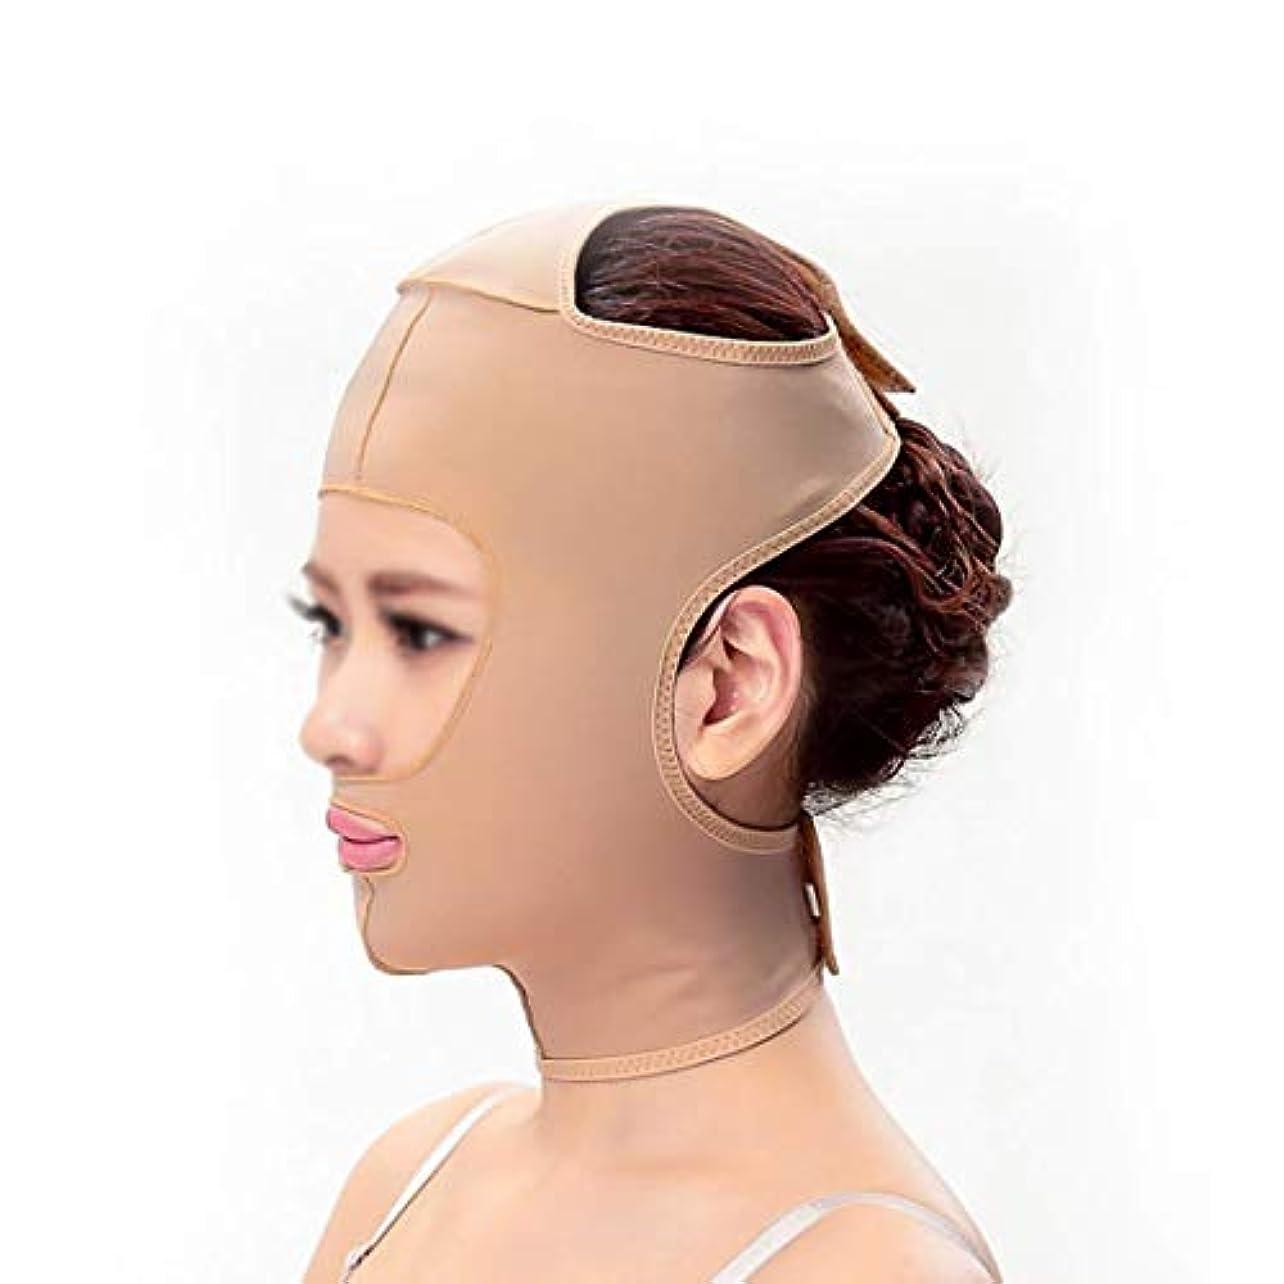 ピル草アフリカスリミングベルト、二重あごの引き締め顔面プラスチックフェイスアーティファクト強力なフェイスバンデージをサイズアップするために顔面マスクシンフェイスマスク,S